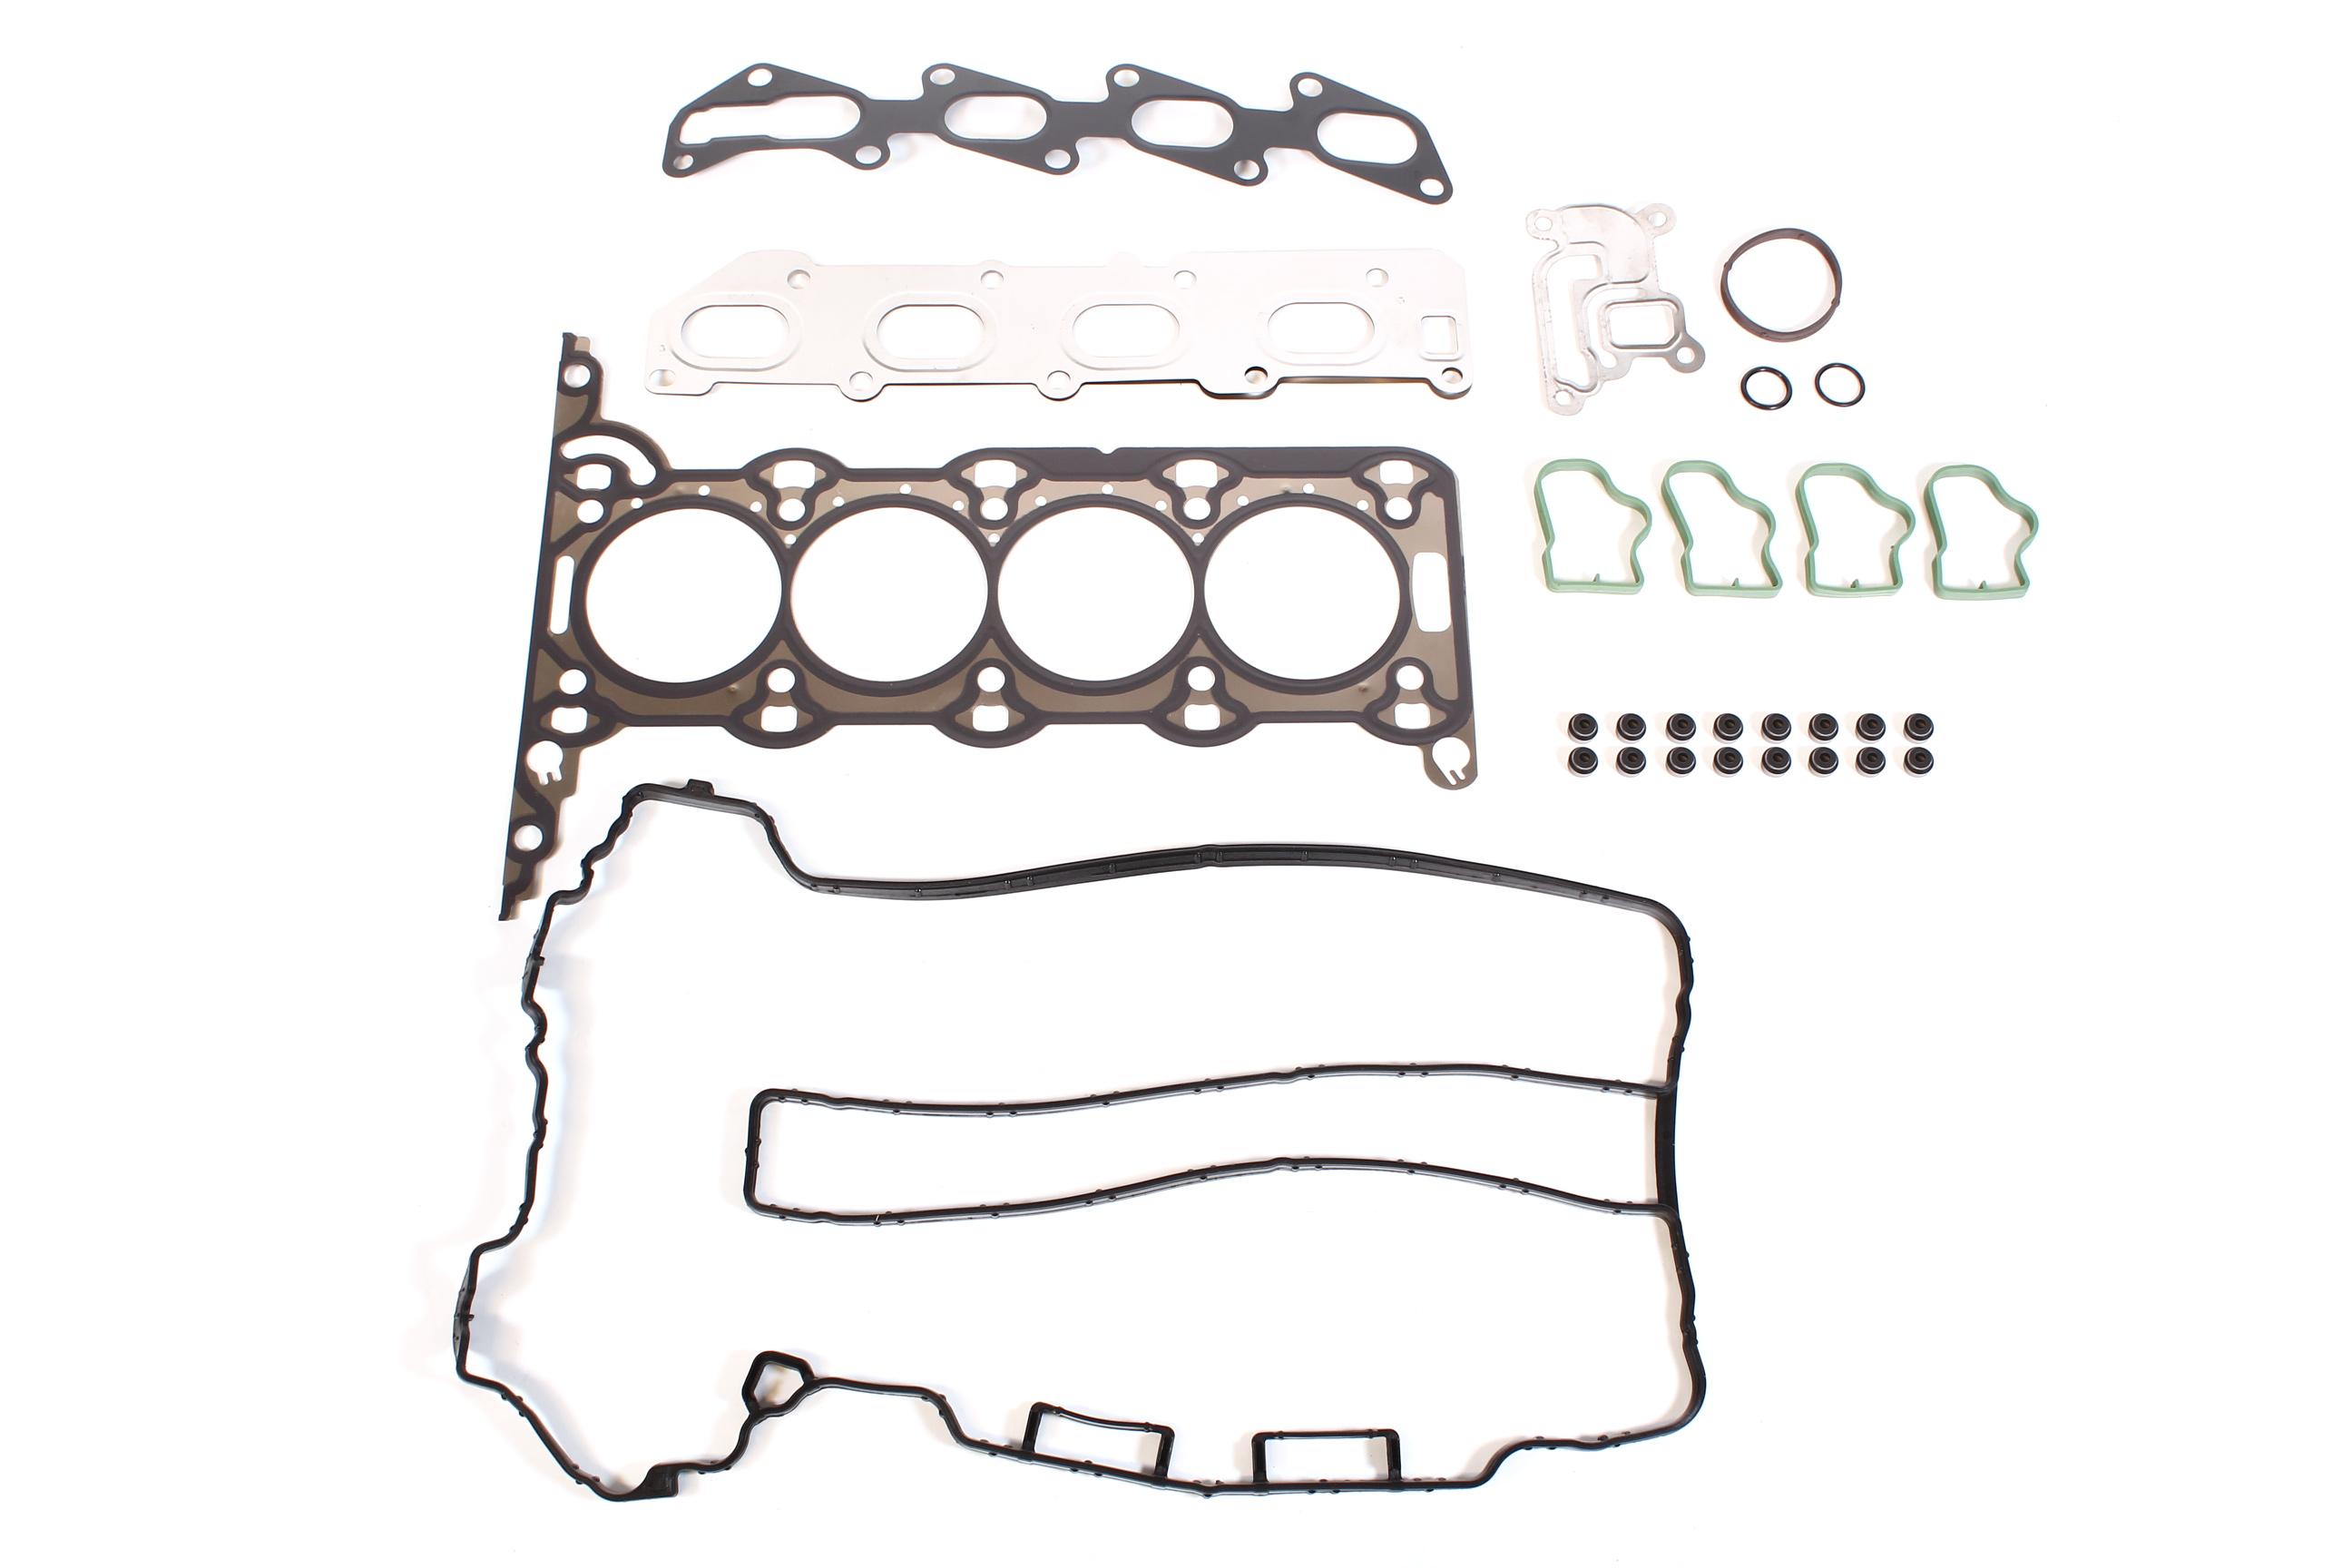 Dichtungssatz Zylinderkopfdichtung Opel Suzuki Astra Corsa 1,2 16V Z12XEP NEU